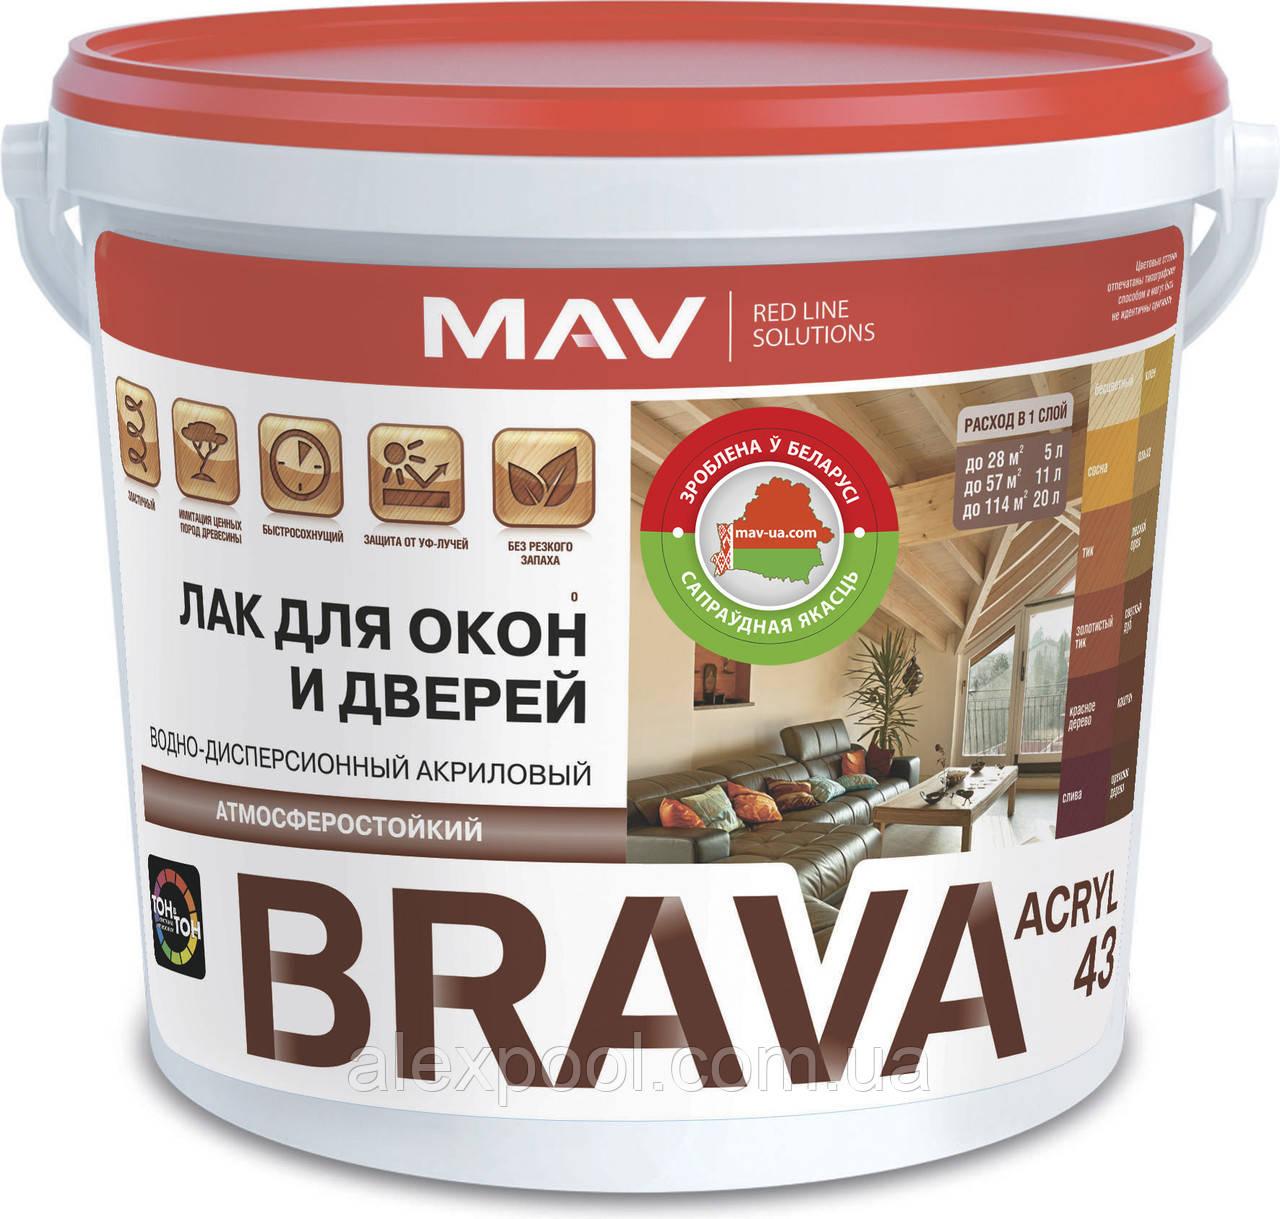 Акриловый лак MAV BRAVA ACRYL 43 без запаха на водной основе для окон и дверей Каштан 1 л